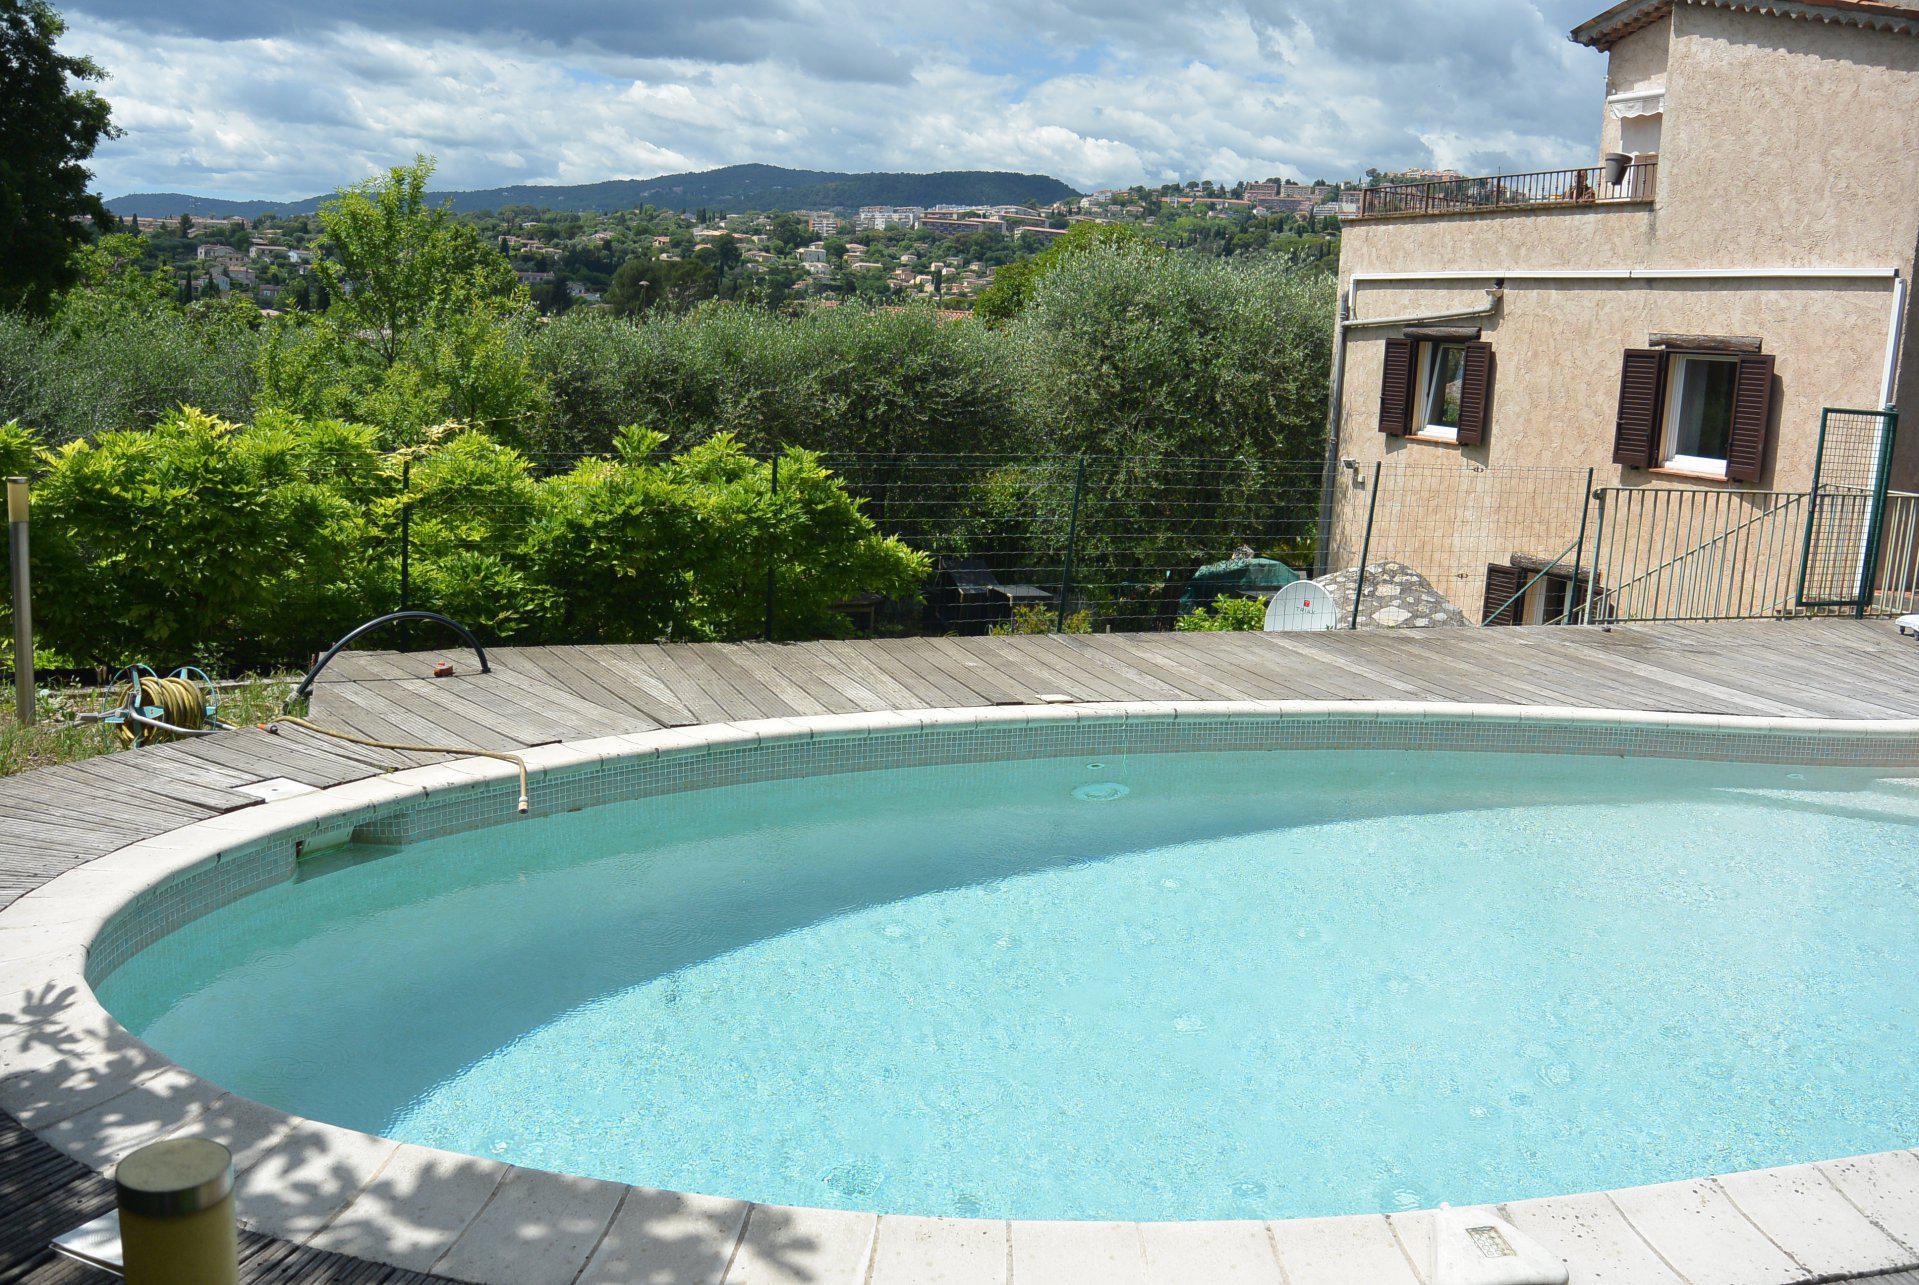 Vente Maison 230M² + Piscine Grasse St-Antoine dedans Piscine Grasse